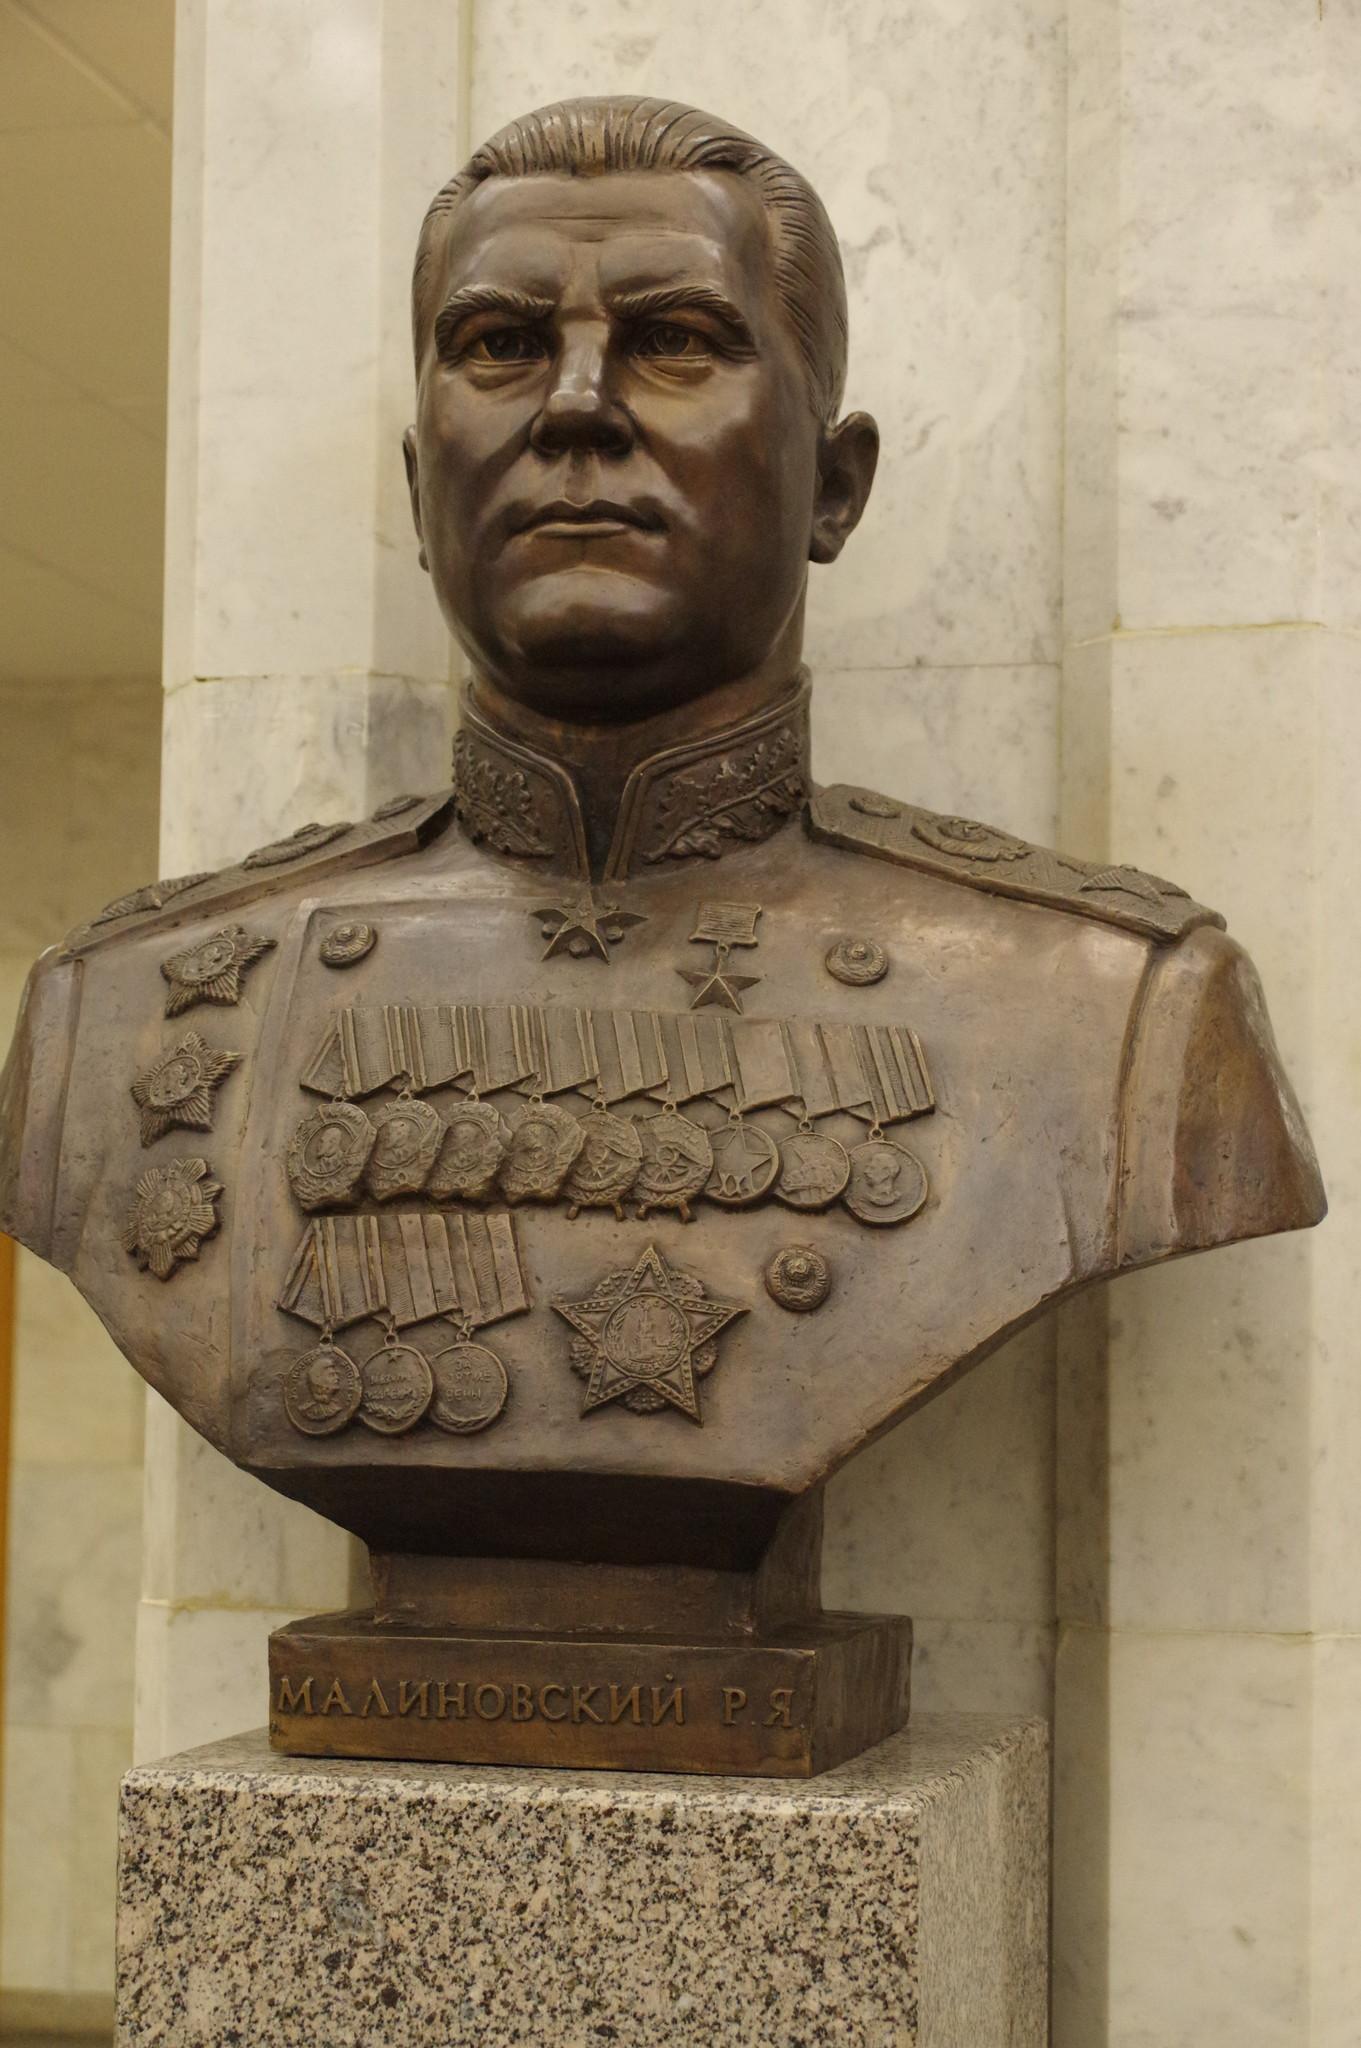 Бюст маршала Советского Союза Родиона Яковлевича Малиновского в Центральном музее Великой Отечественной войны 1941-1945 гг.